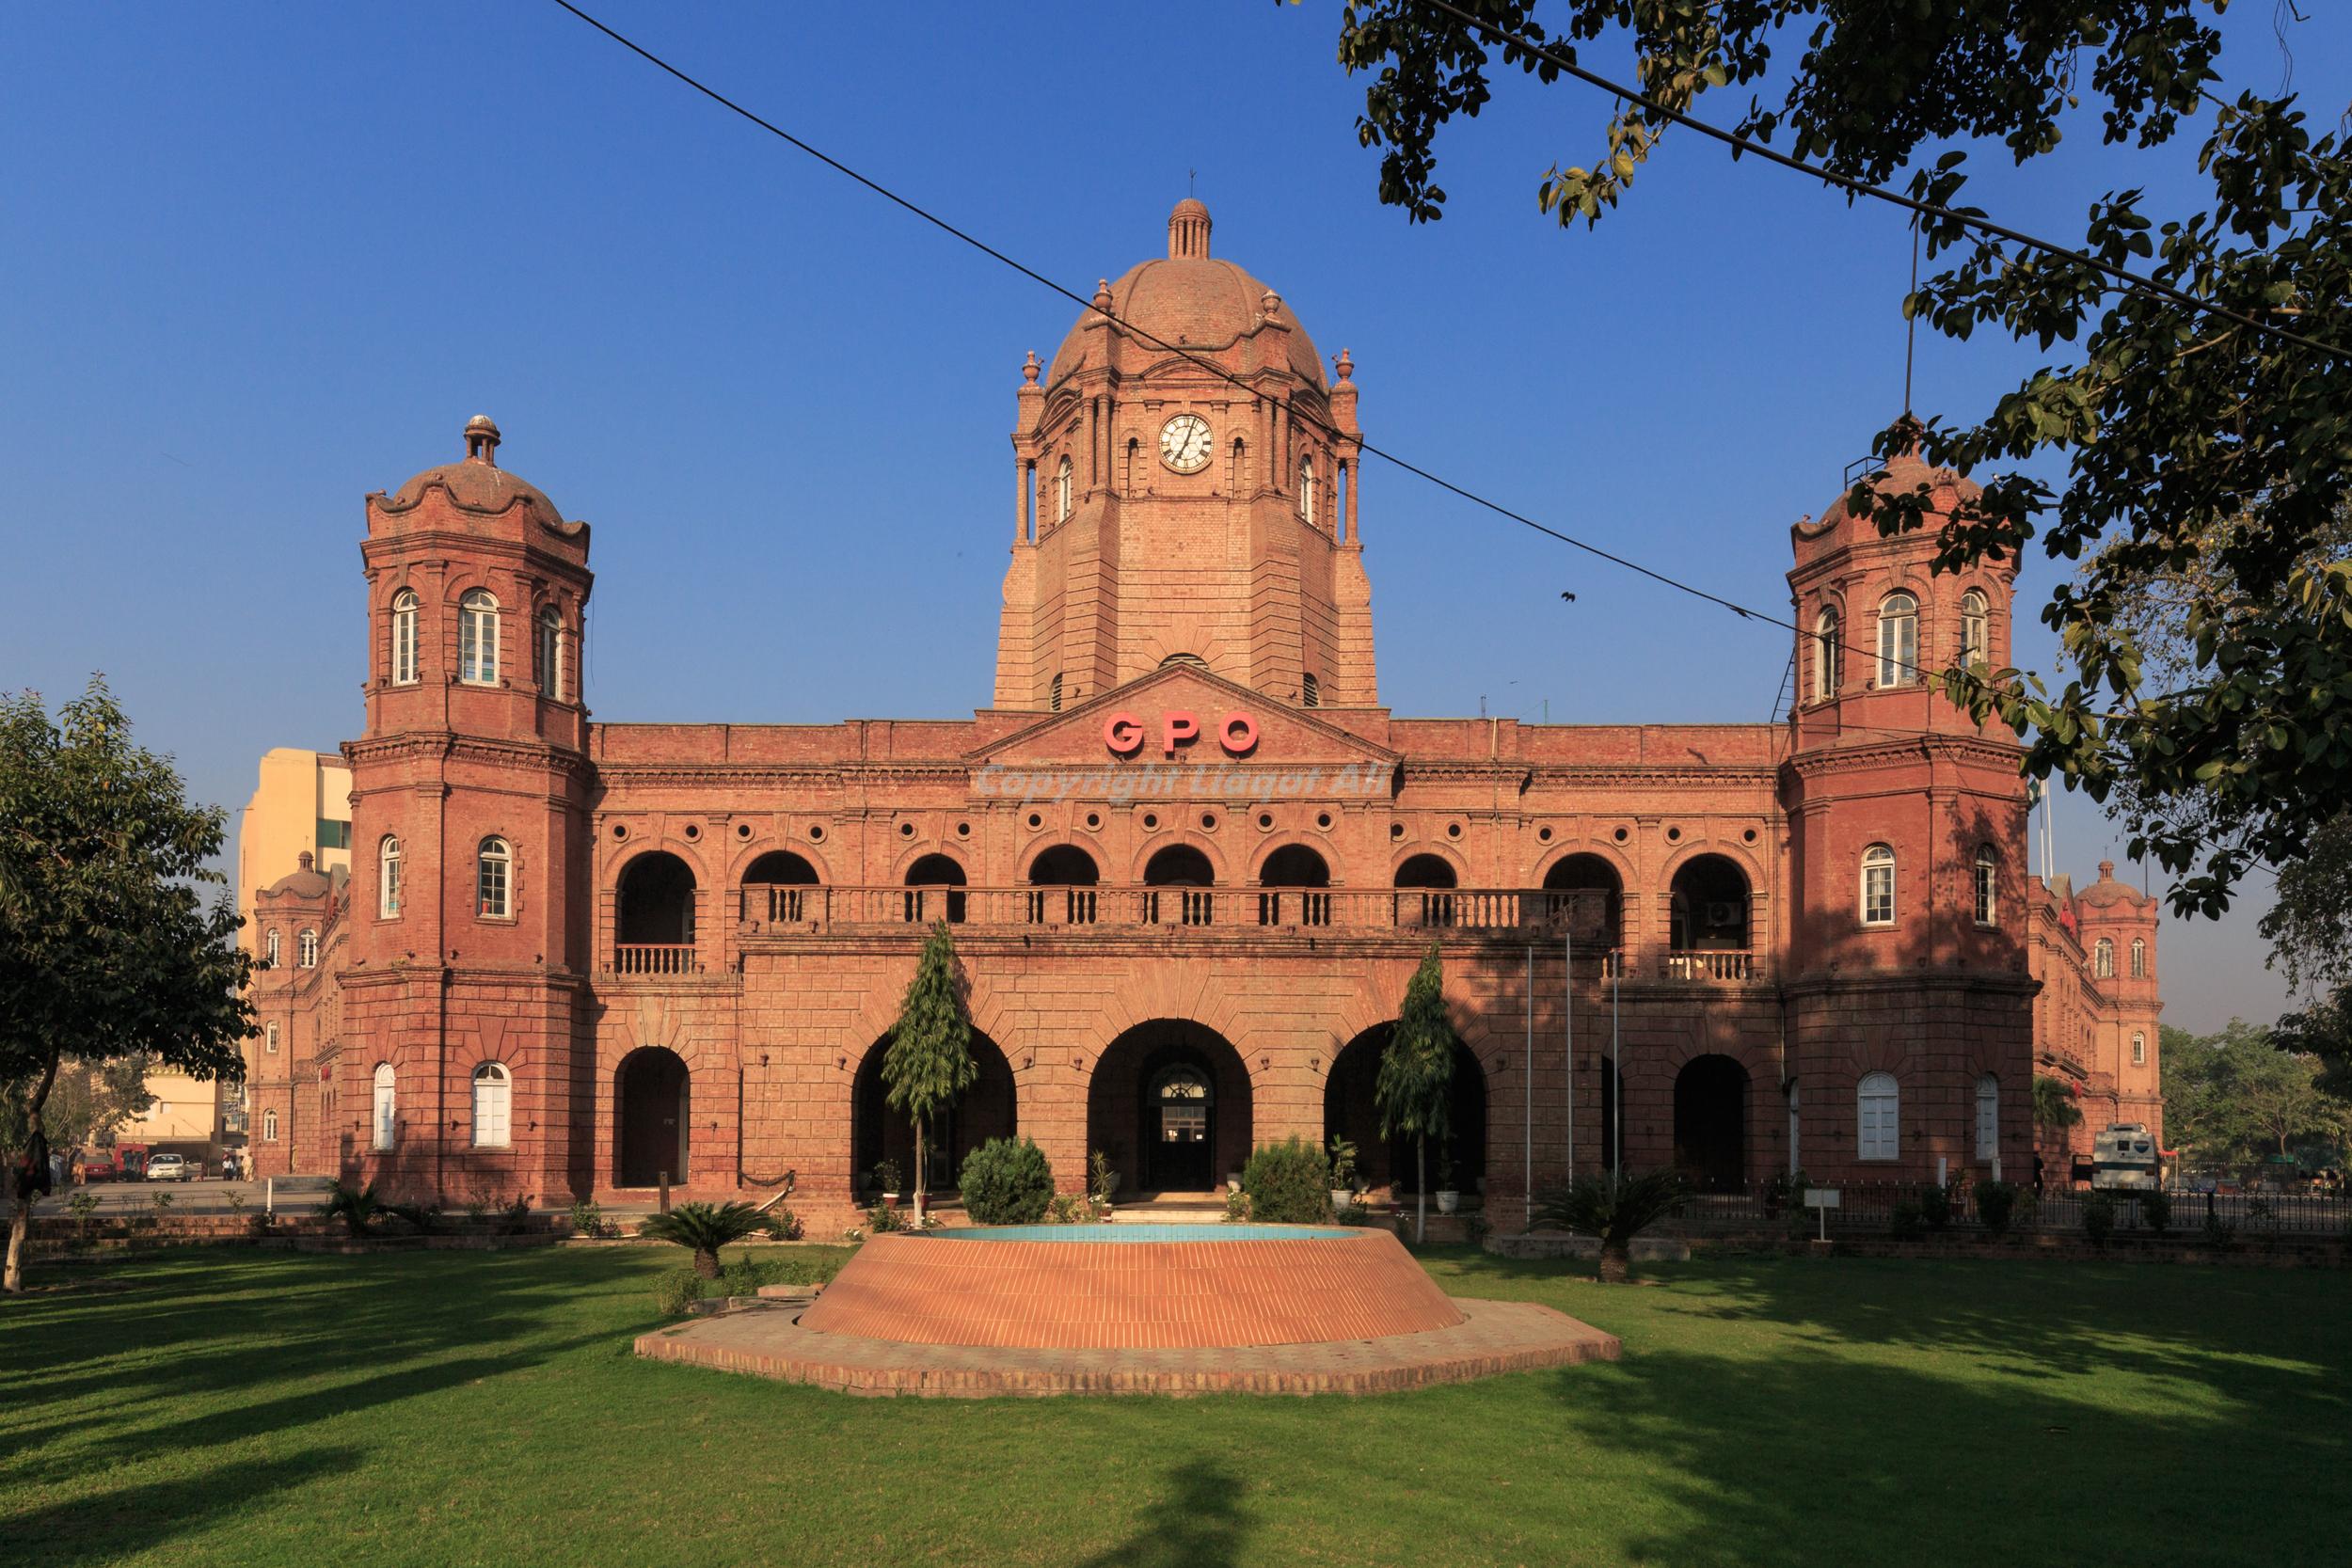 GPO Lahore